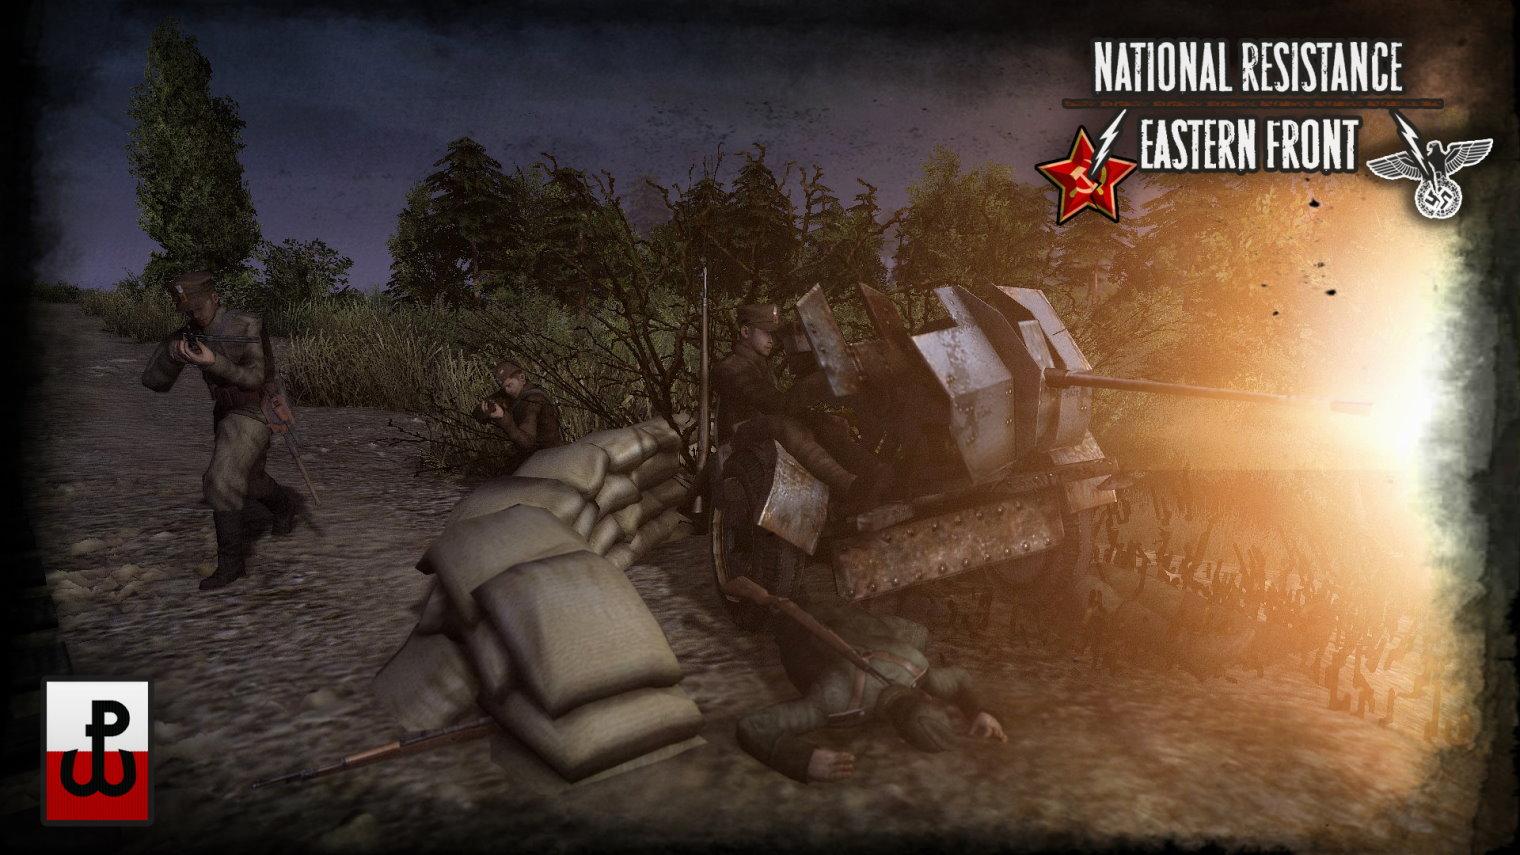 National Resistance: Eastern Front 1.0.0 (AS2 — 3.262.0) (v14.10.2020)